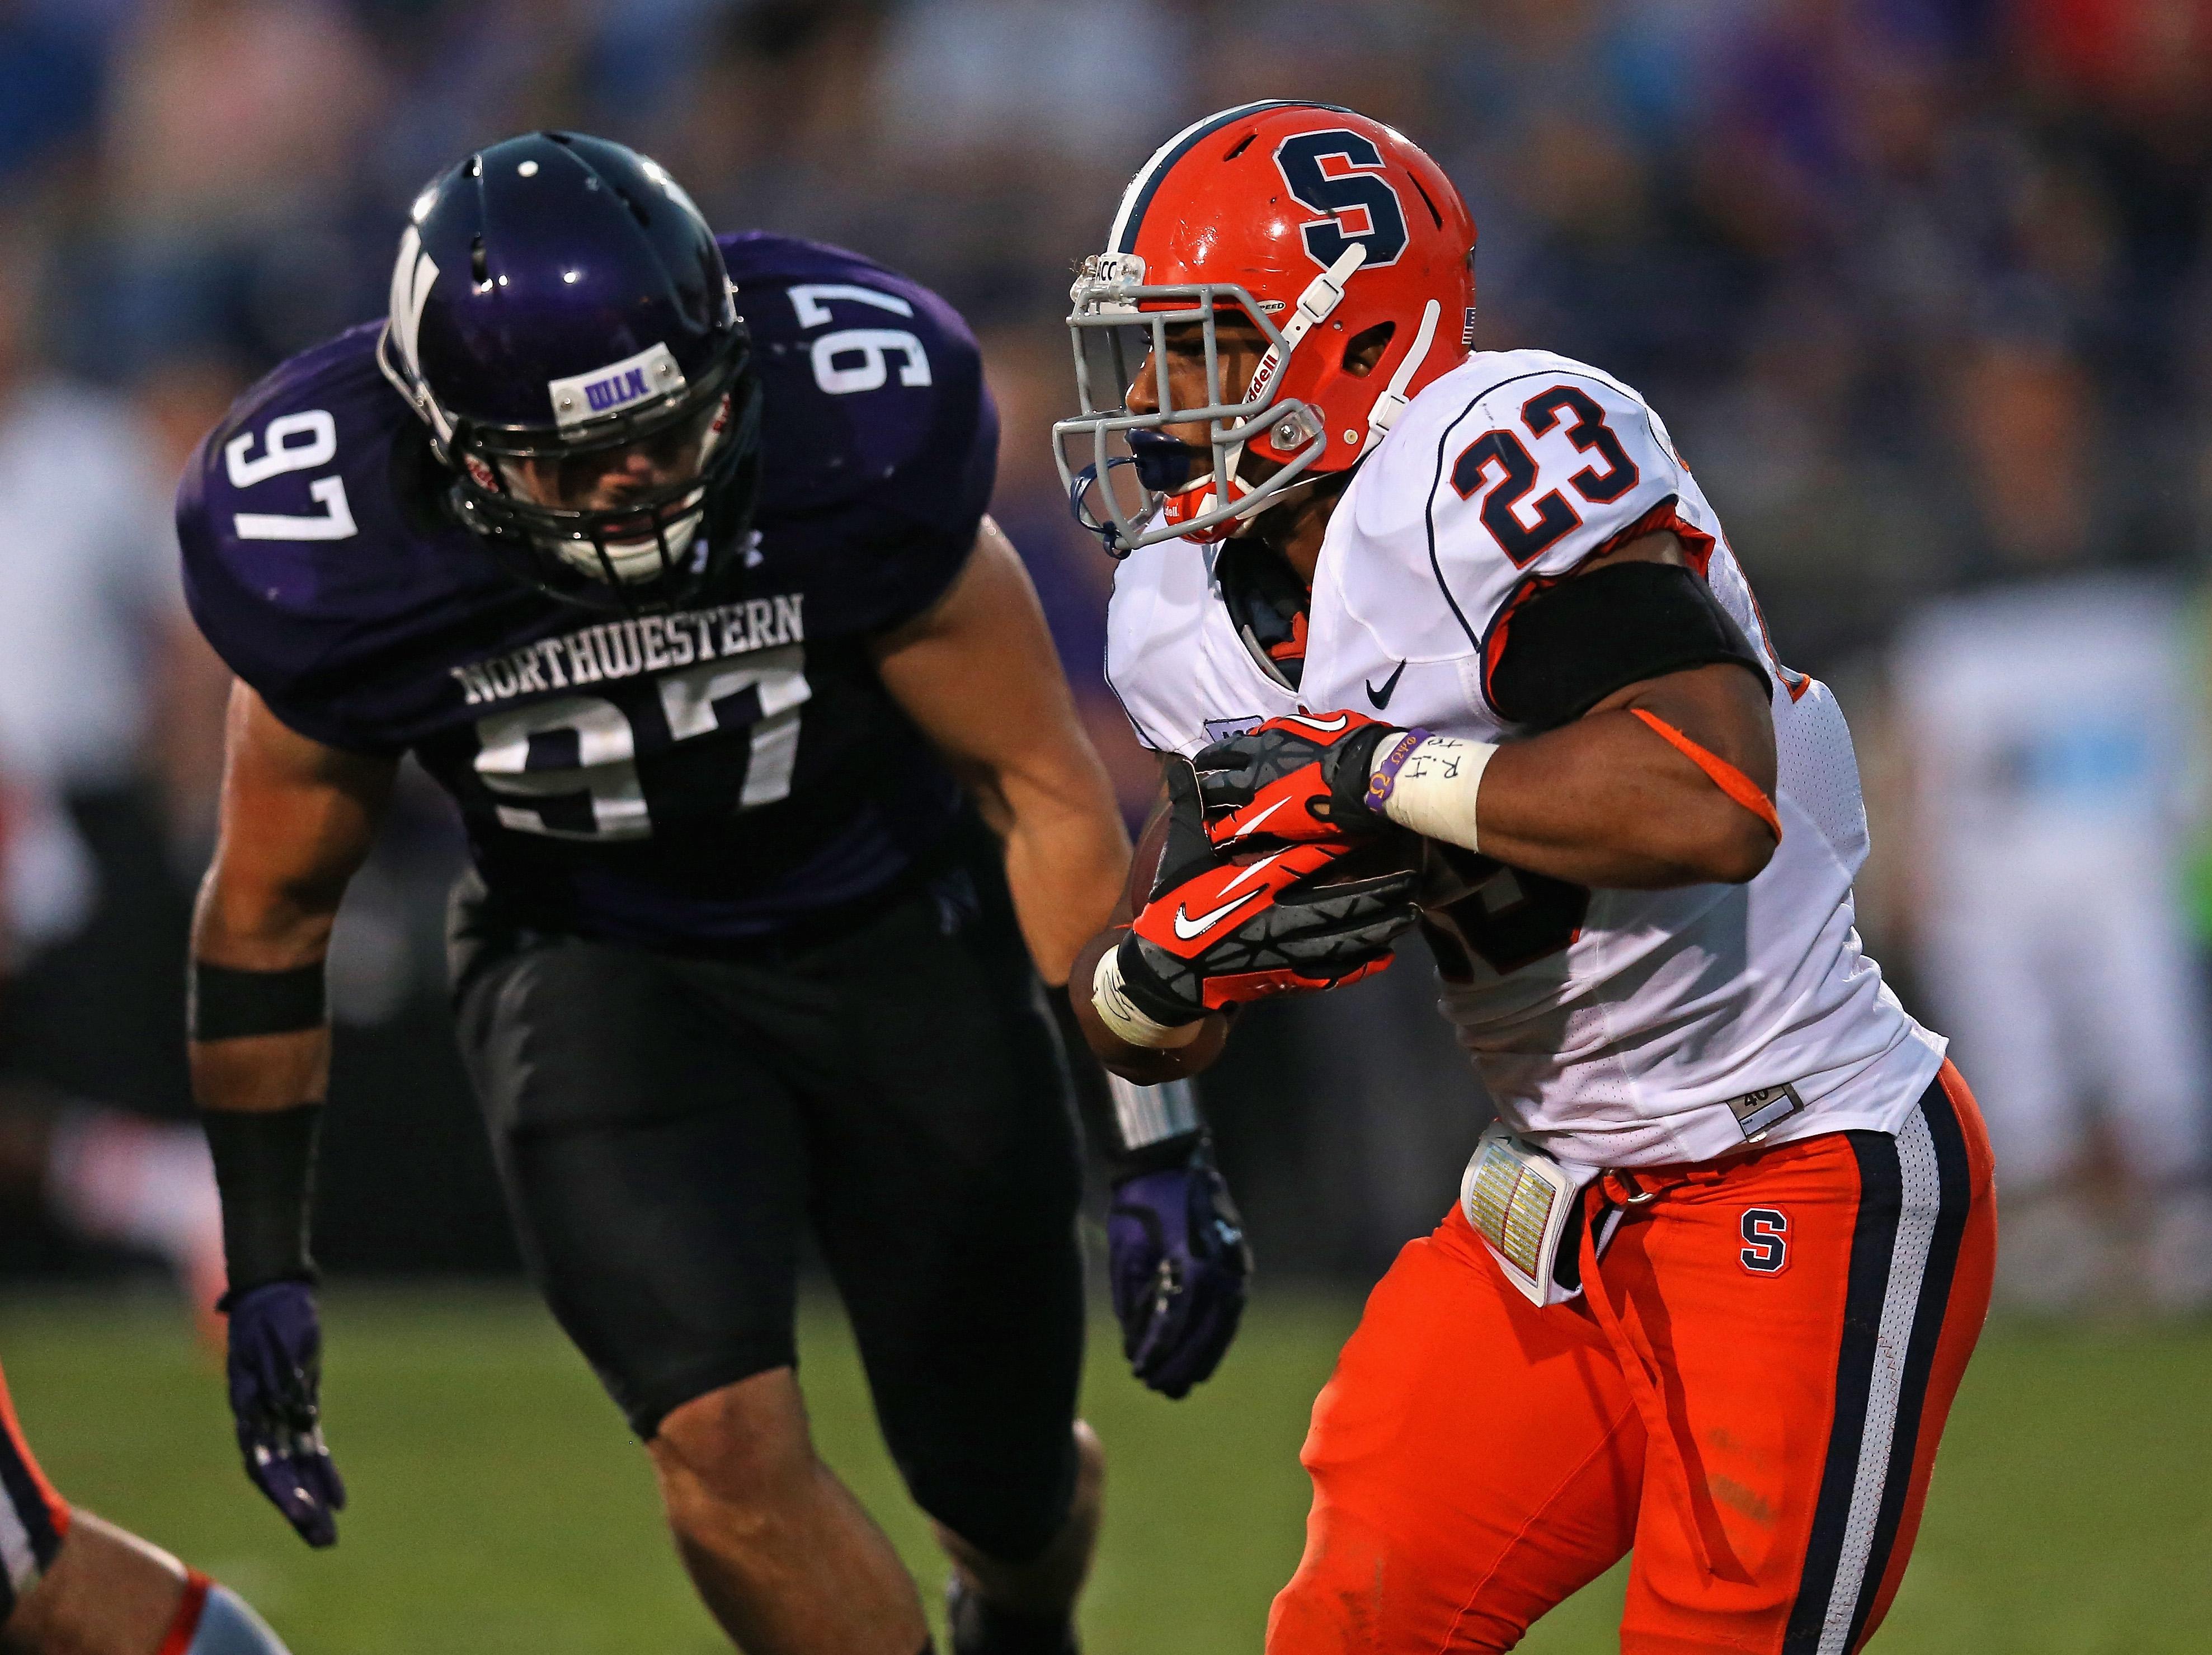 Syracuse v Northwestern